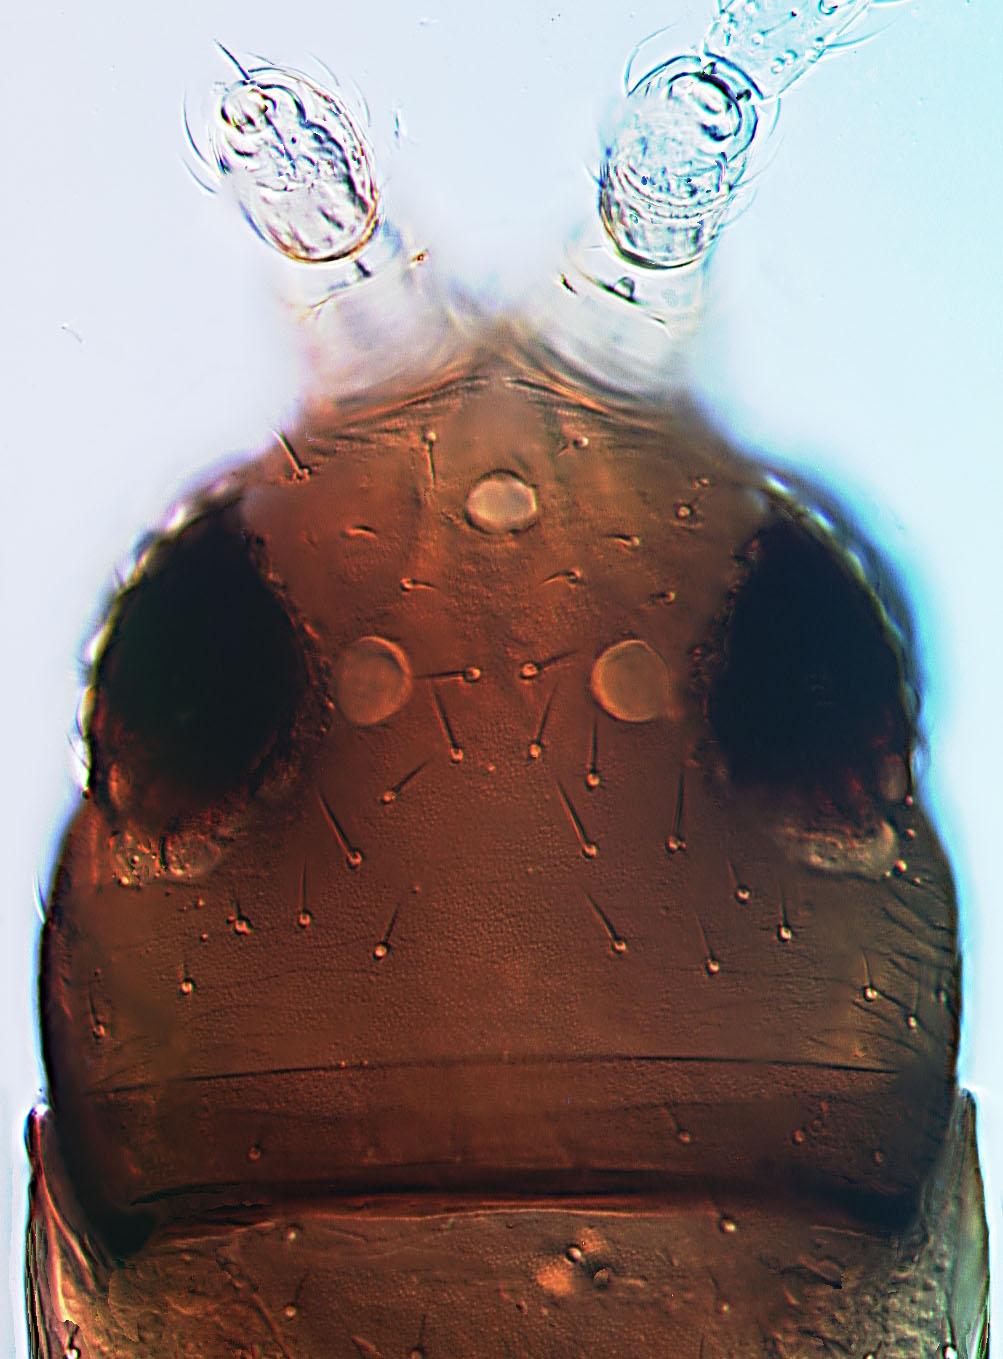 Stomatothrips rotundus